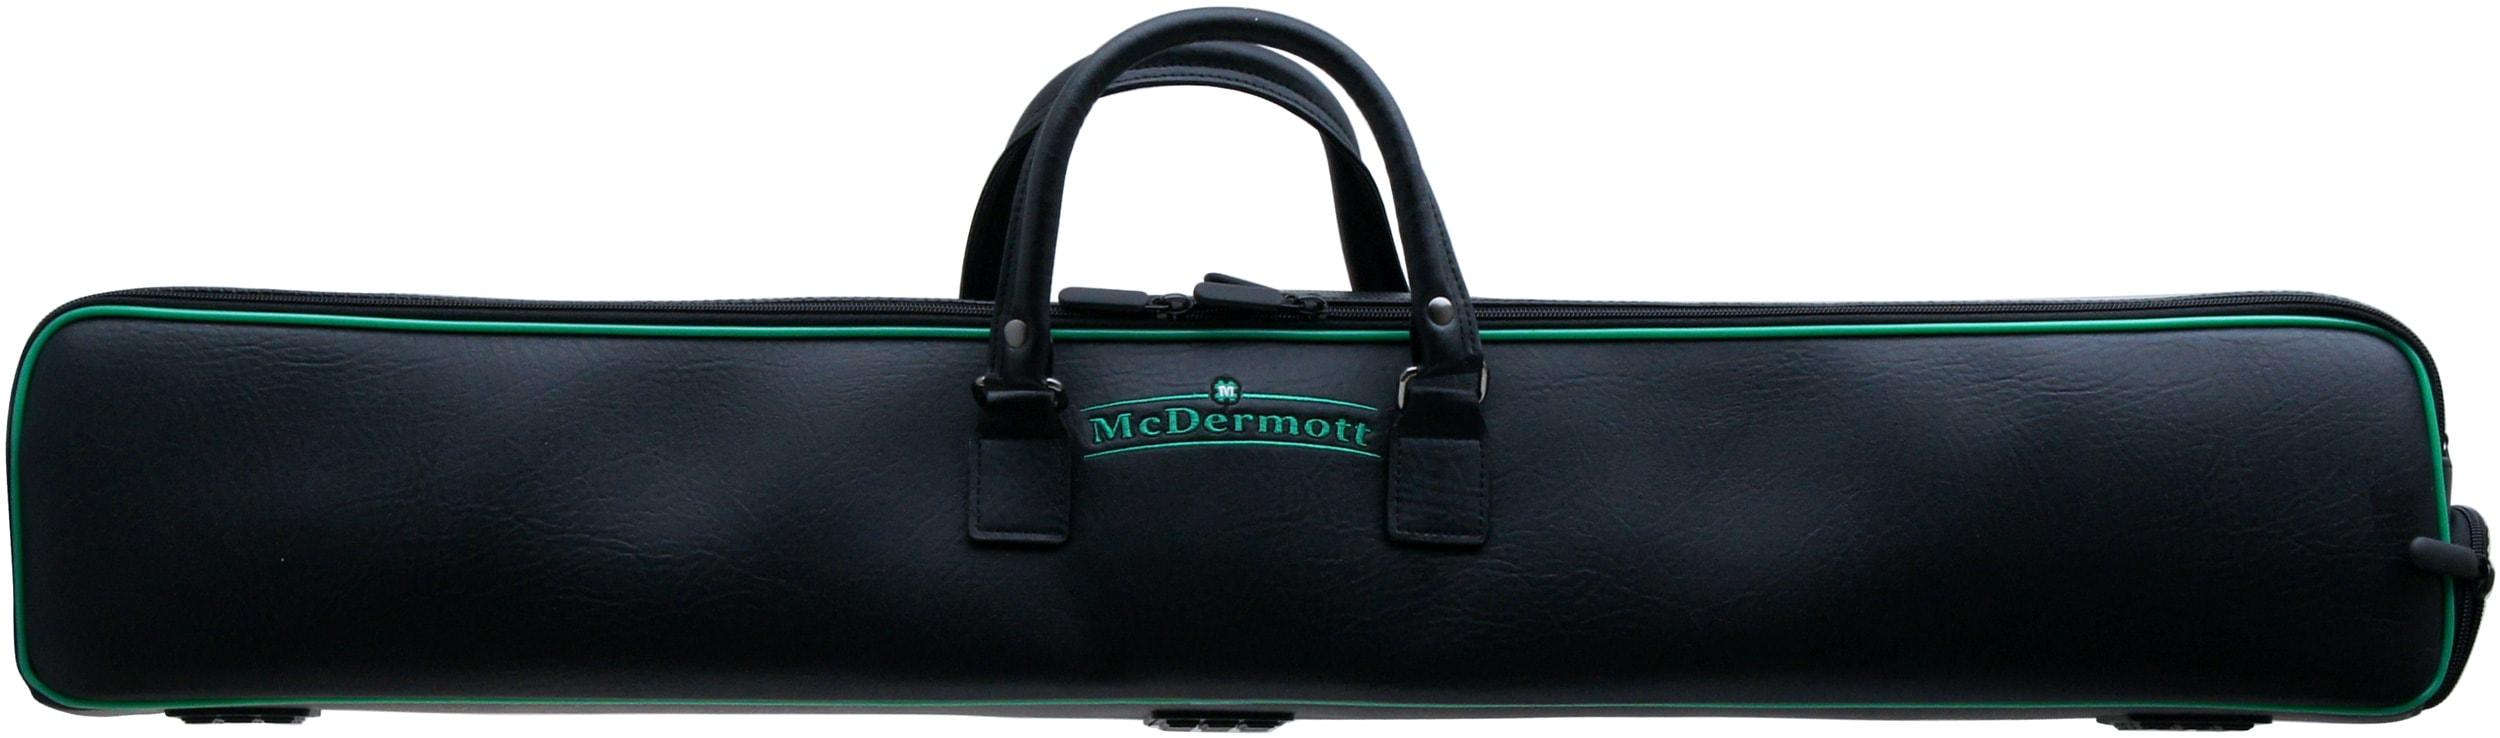 mcdermott マクダモット キューケース 4b7s (バット4本シャフト7本収納)  商品画像